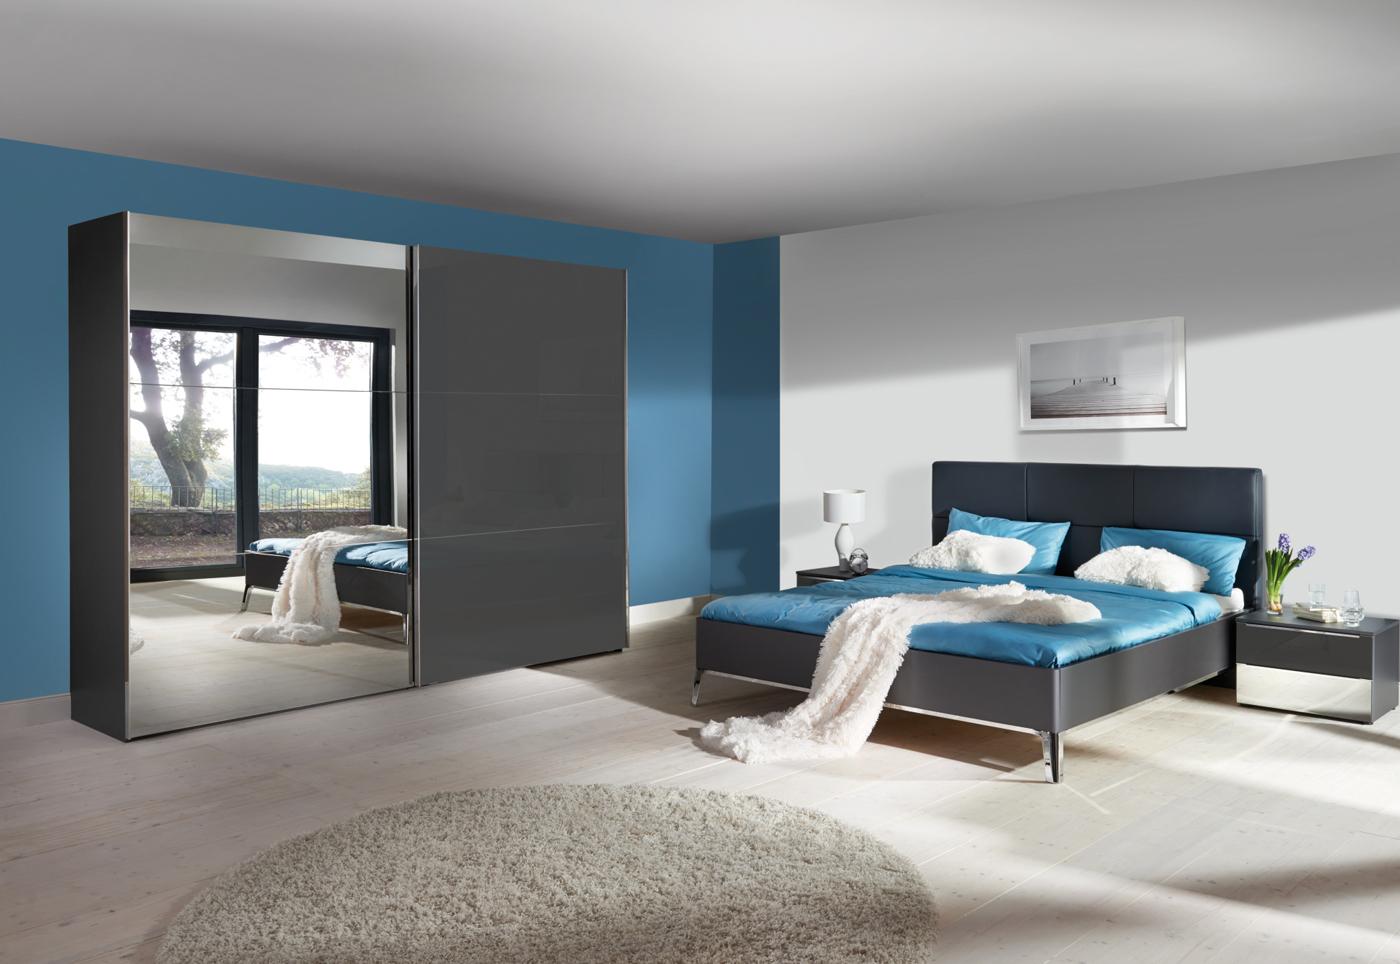 kleurencombinaties slaapkamer ~ lactate for ., Deco ideeën